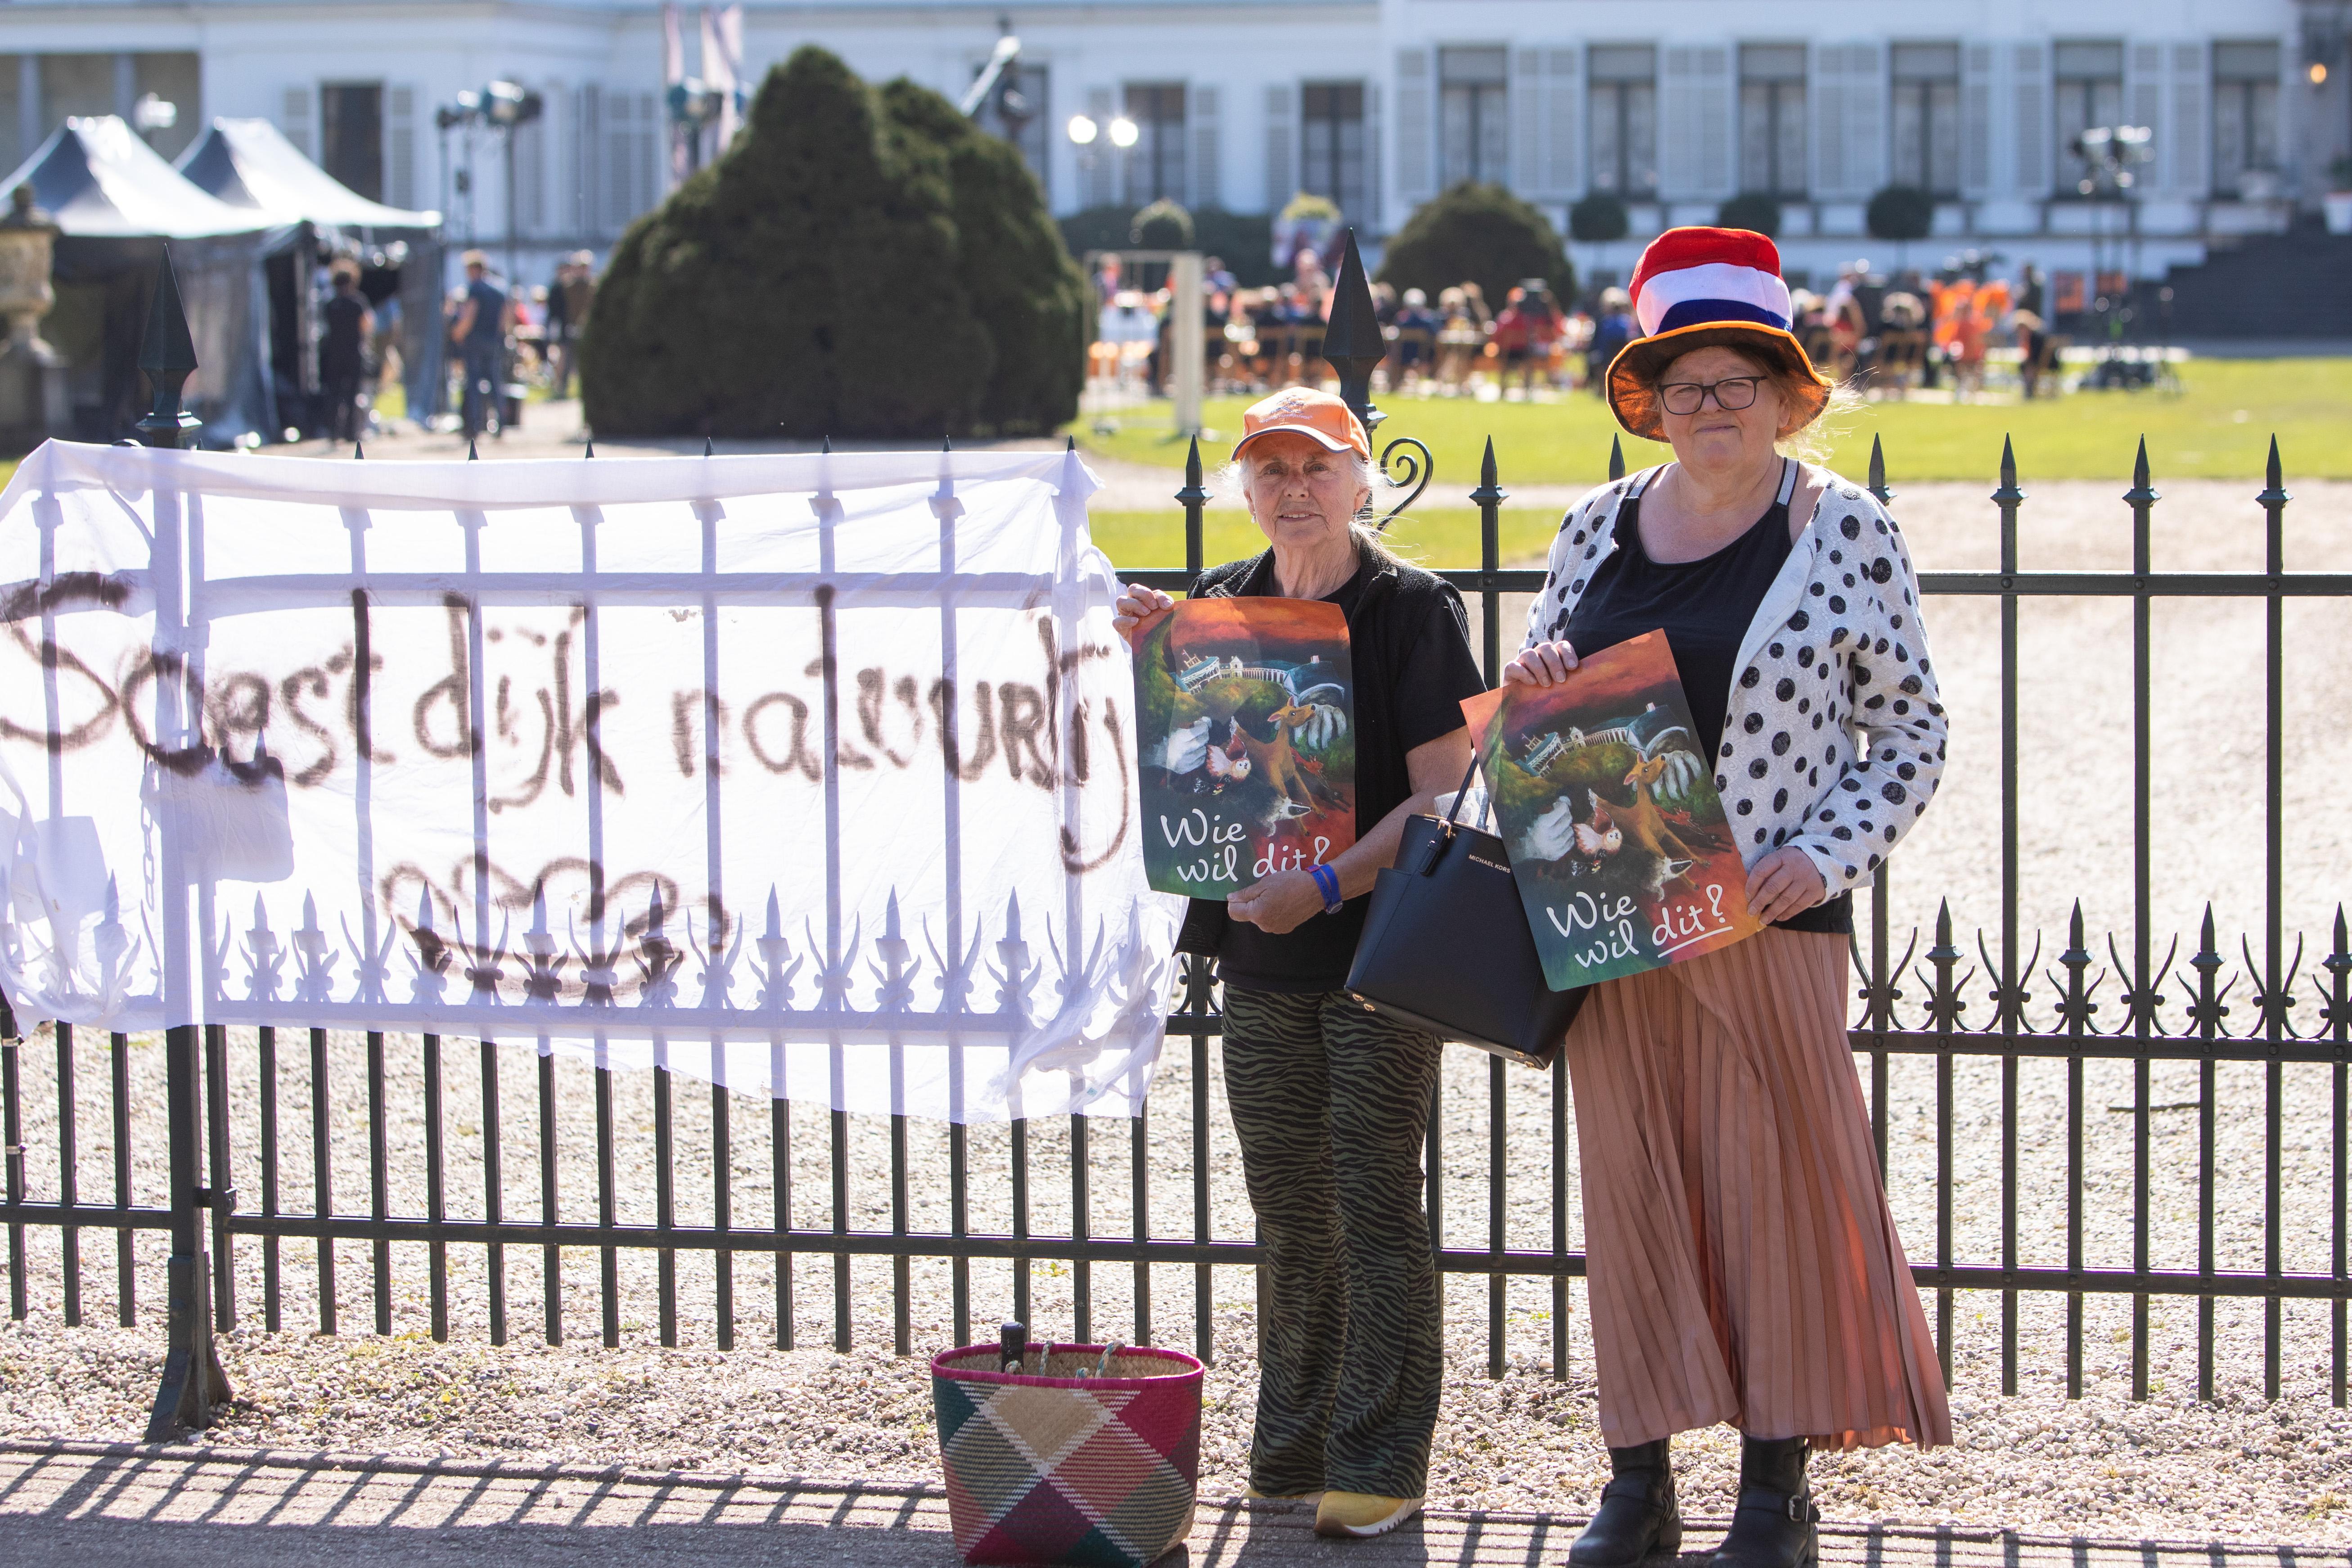 Een spontane actie op Koningsdag bij paleis Soestdijk: 'Ik had nog een laken liggen en dacht: we moeten wat van ons laten horen'